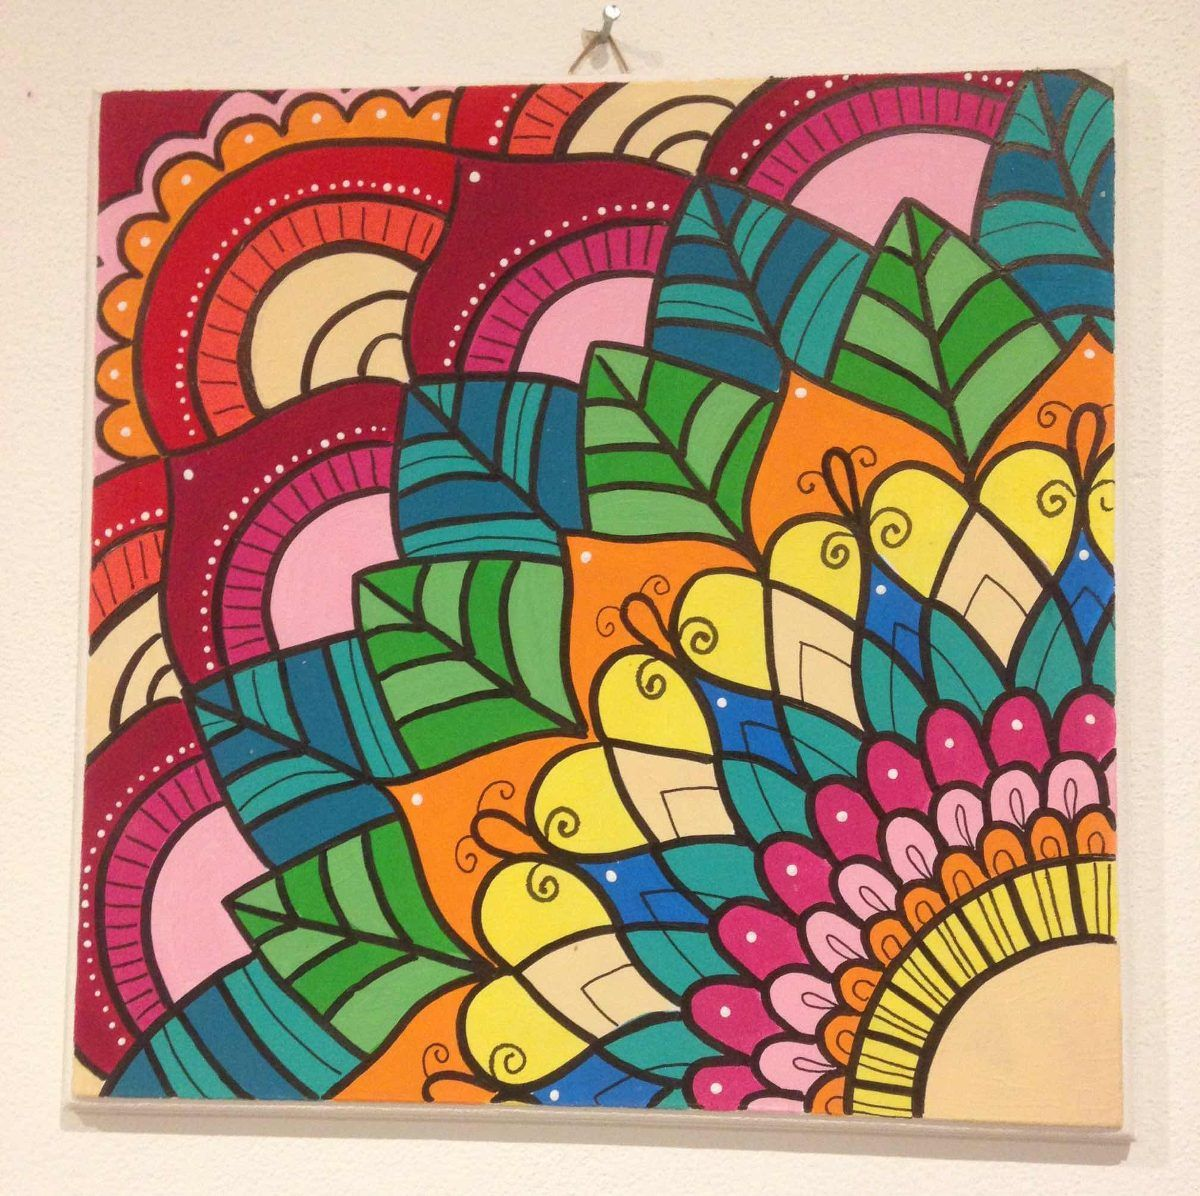 14+ Cuadros originales pintados a mano ideas